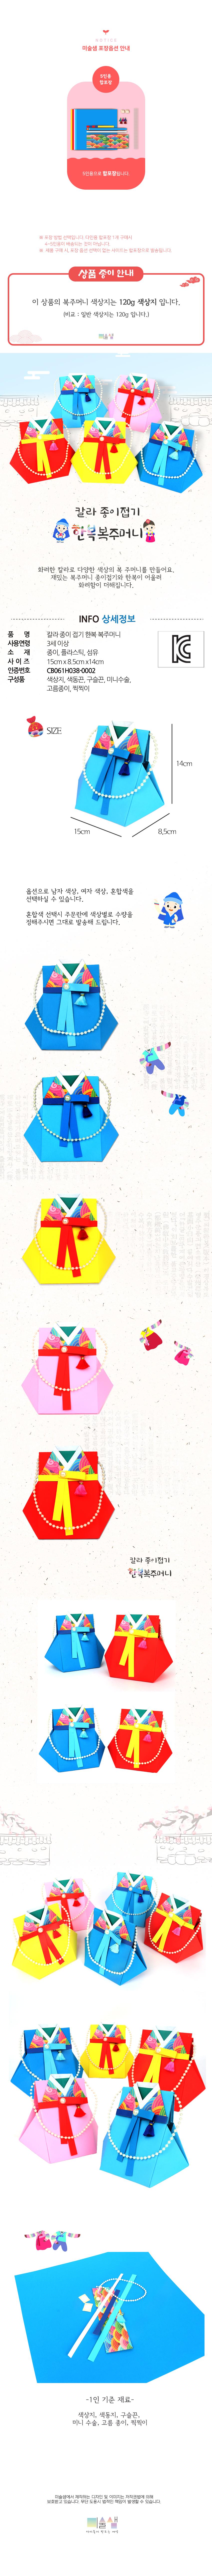 칼라종이접기-한복복주머니 5종set - 미술샘, 7,500원, 종이공예/북아트, 종이공예 패키지